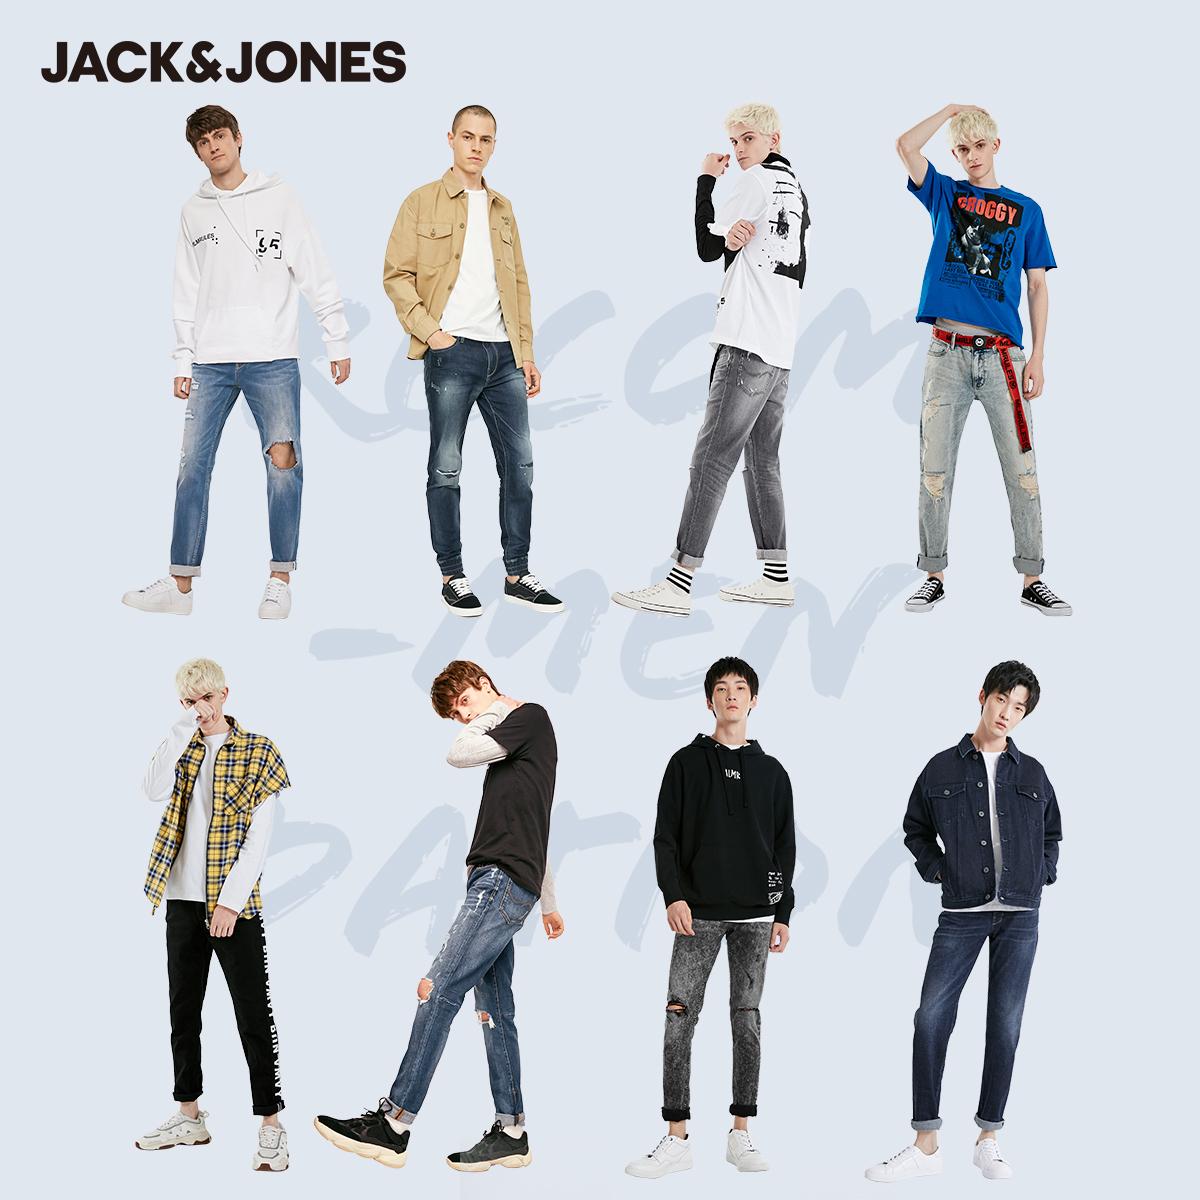 JackJones 杰克琼斯 男式牛仔裤 凑单双重优惠折后¥72.4/件起包邮 10款可选